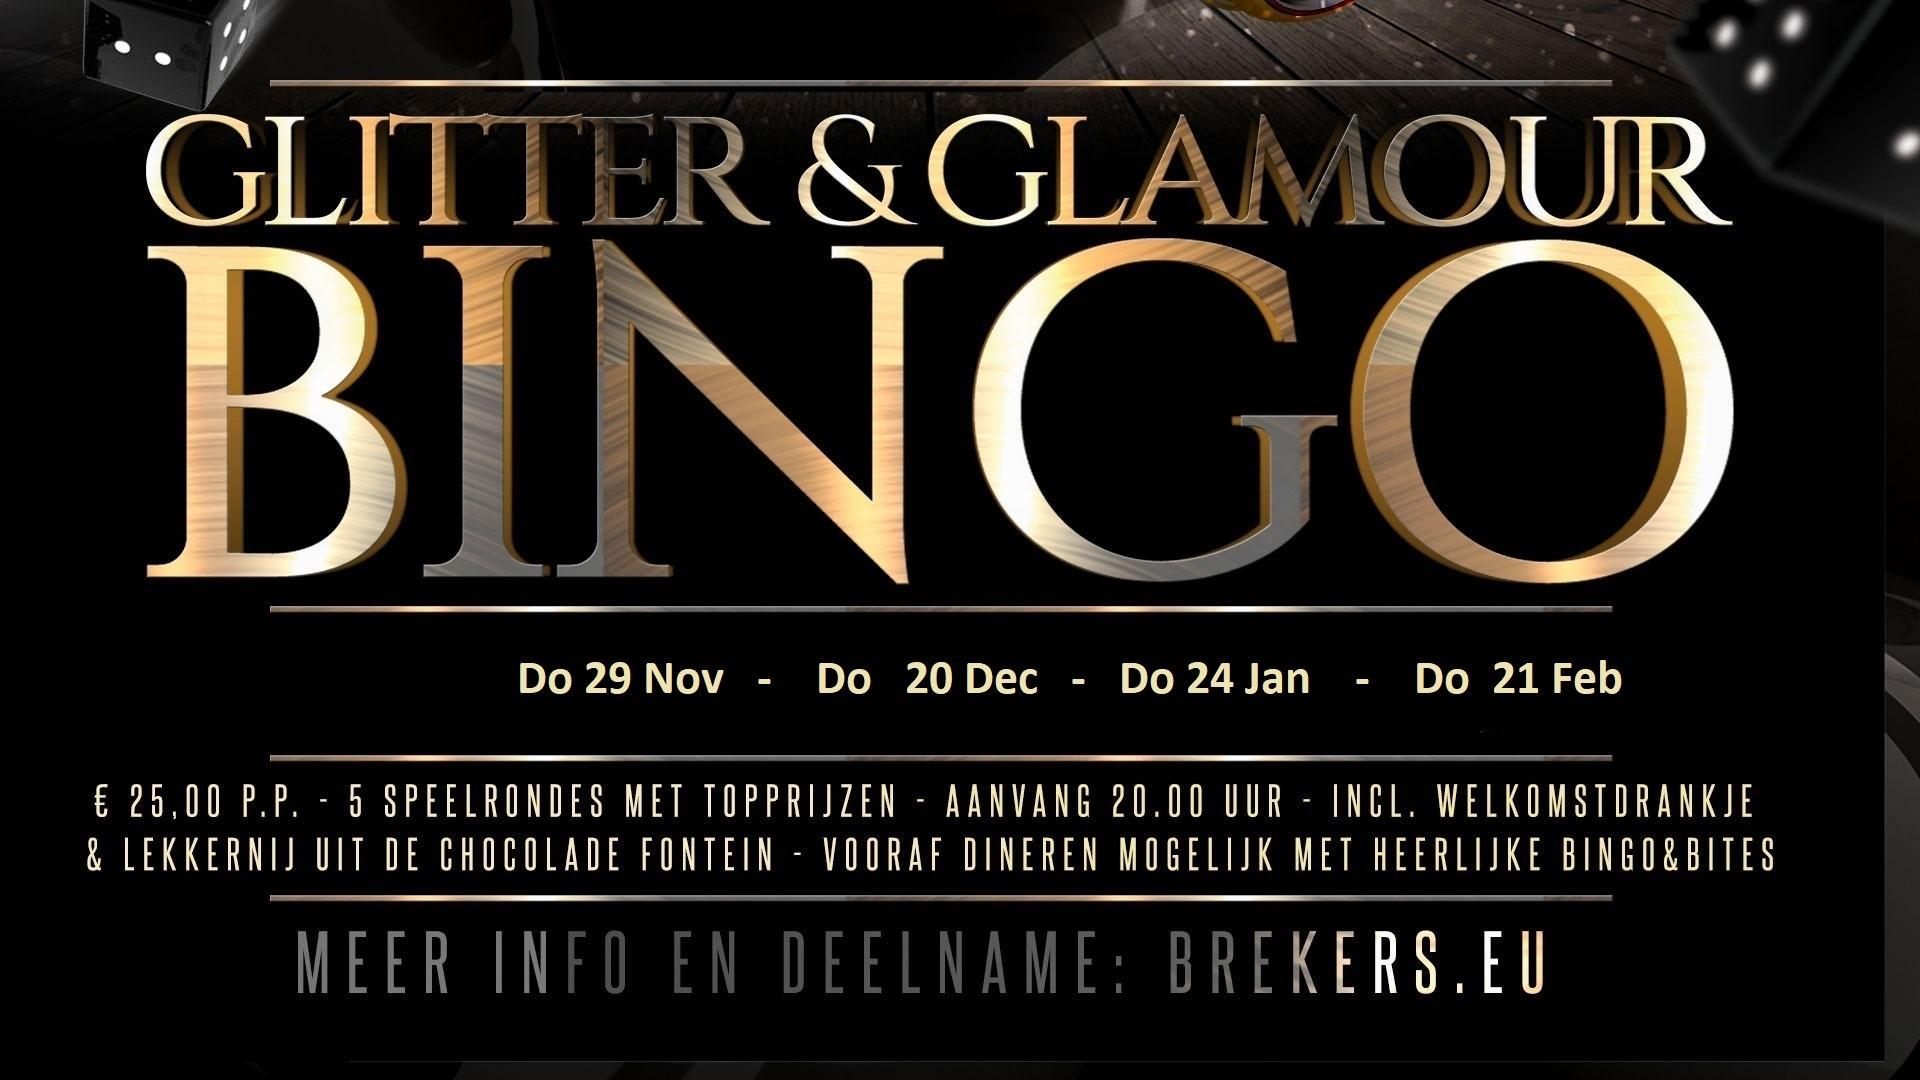 Glitter & Glamour Bingo 29 november